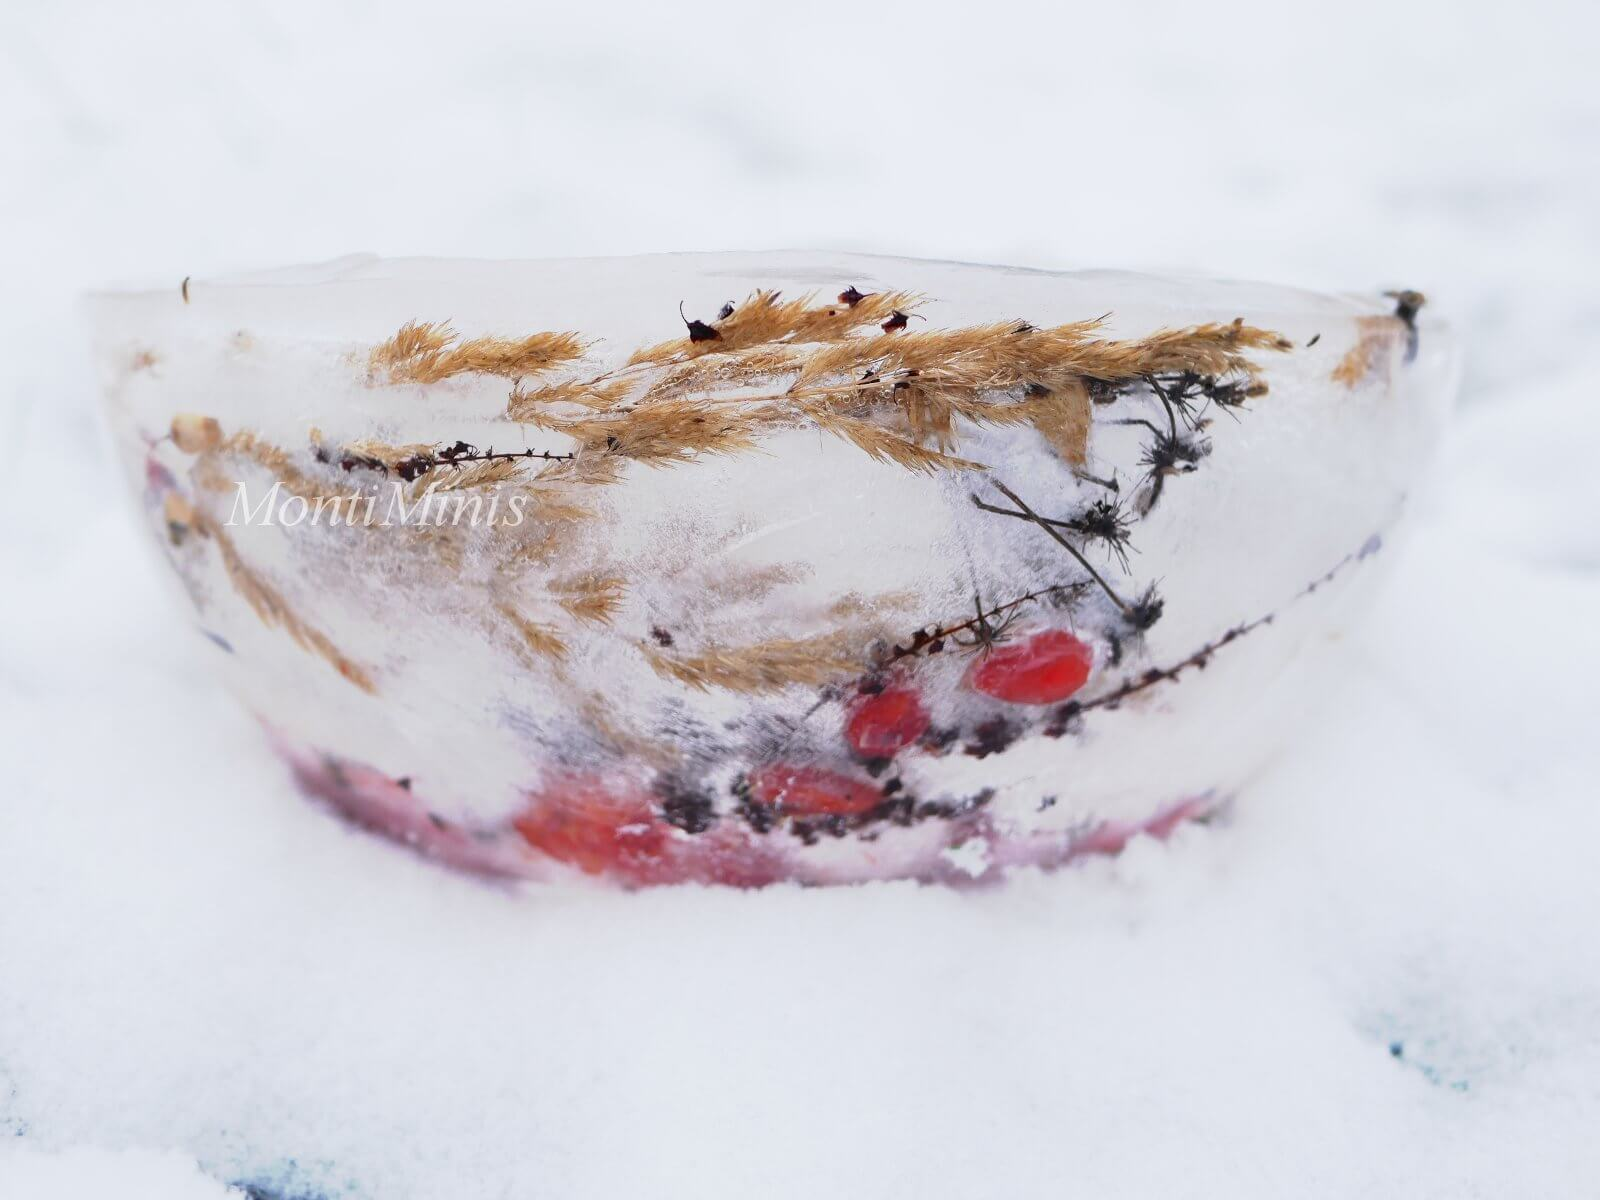 Eislaterne, Eislicht, DIY, Winteraktivitäten mit Kindern, Naturkinder, Achtsamkeit, Naturschätze sammeln, Basteln mit Kindern, Montiminis.com